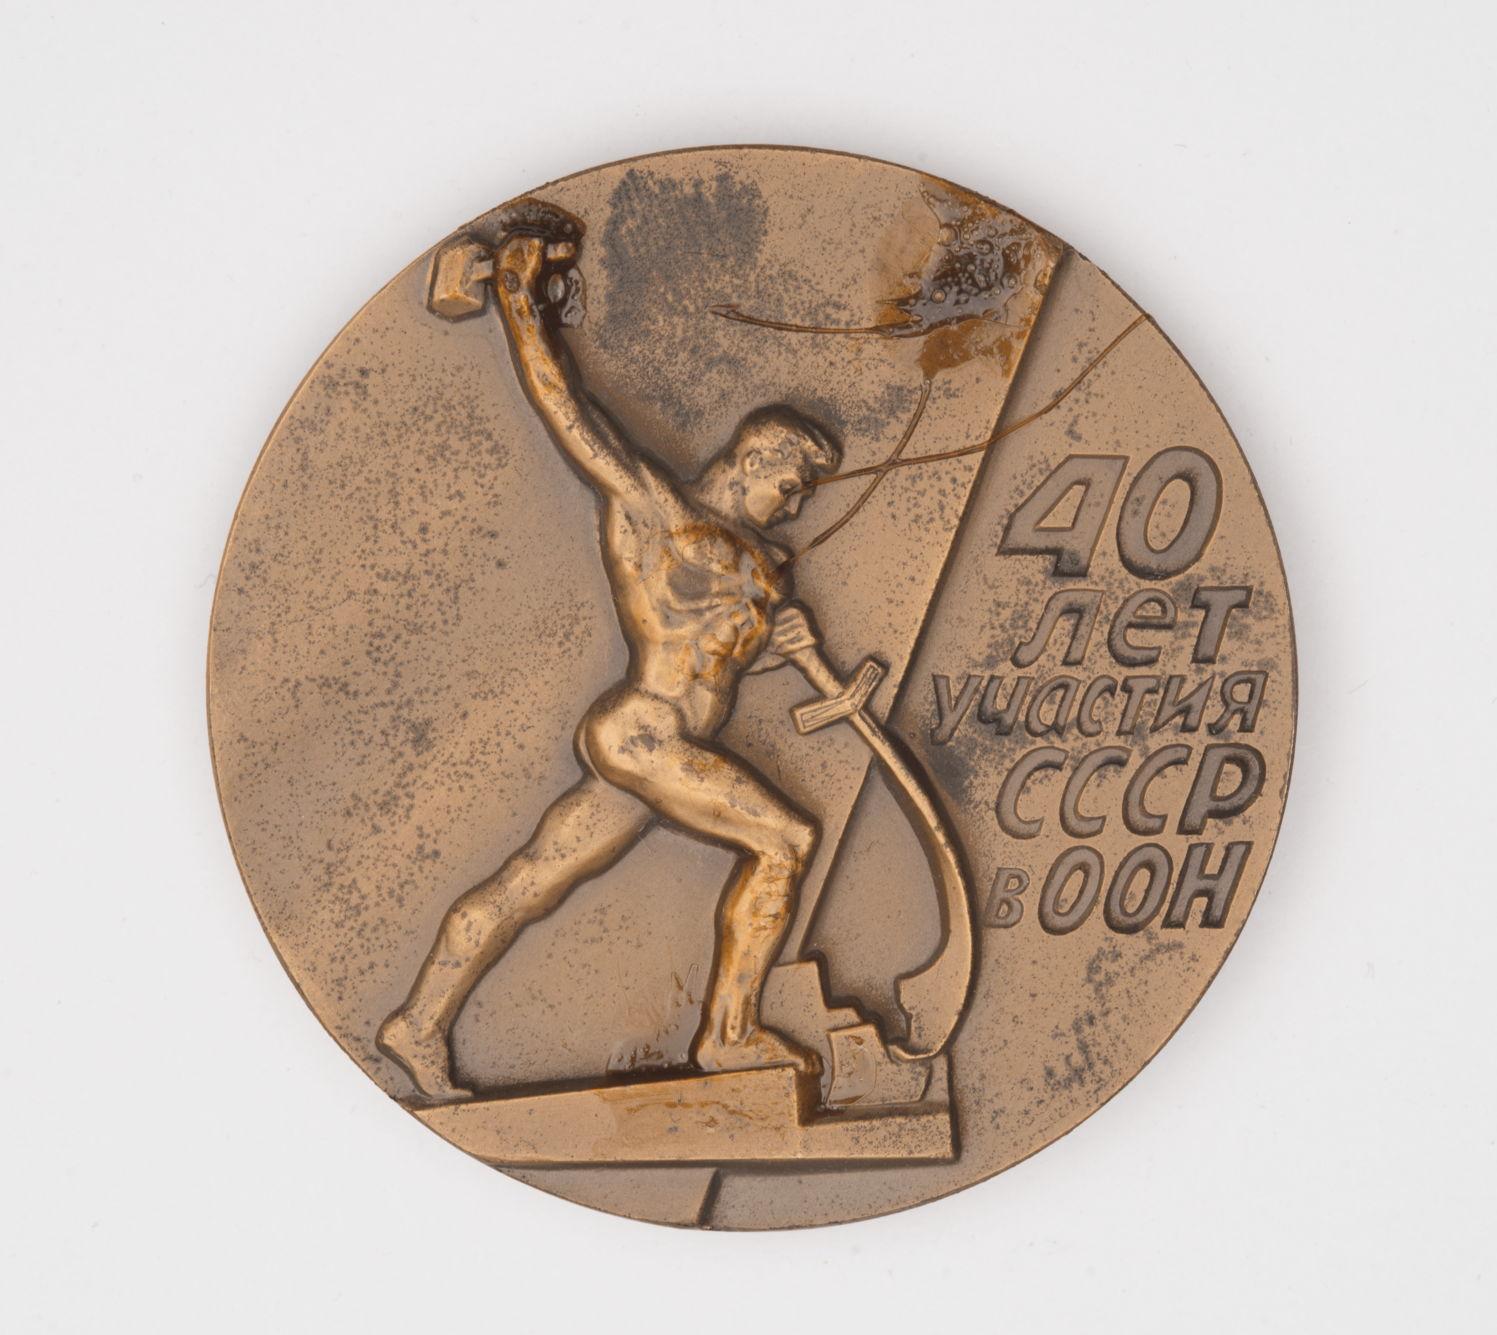 Памятная медаль « 40 лет участия СССР в ООН». Автор М.А.Ногин. СССР.1985 г. Бронза.